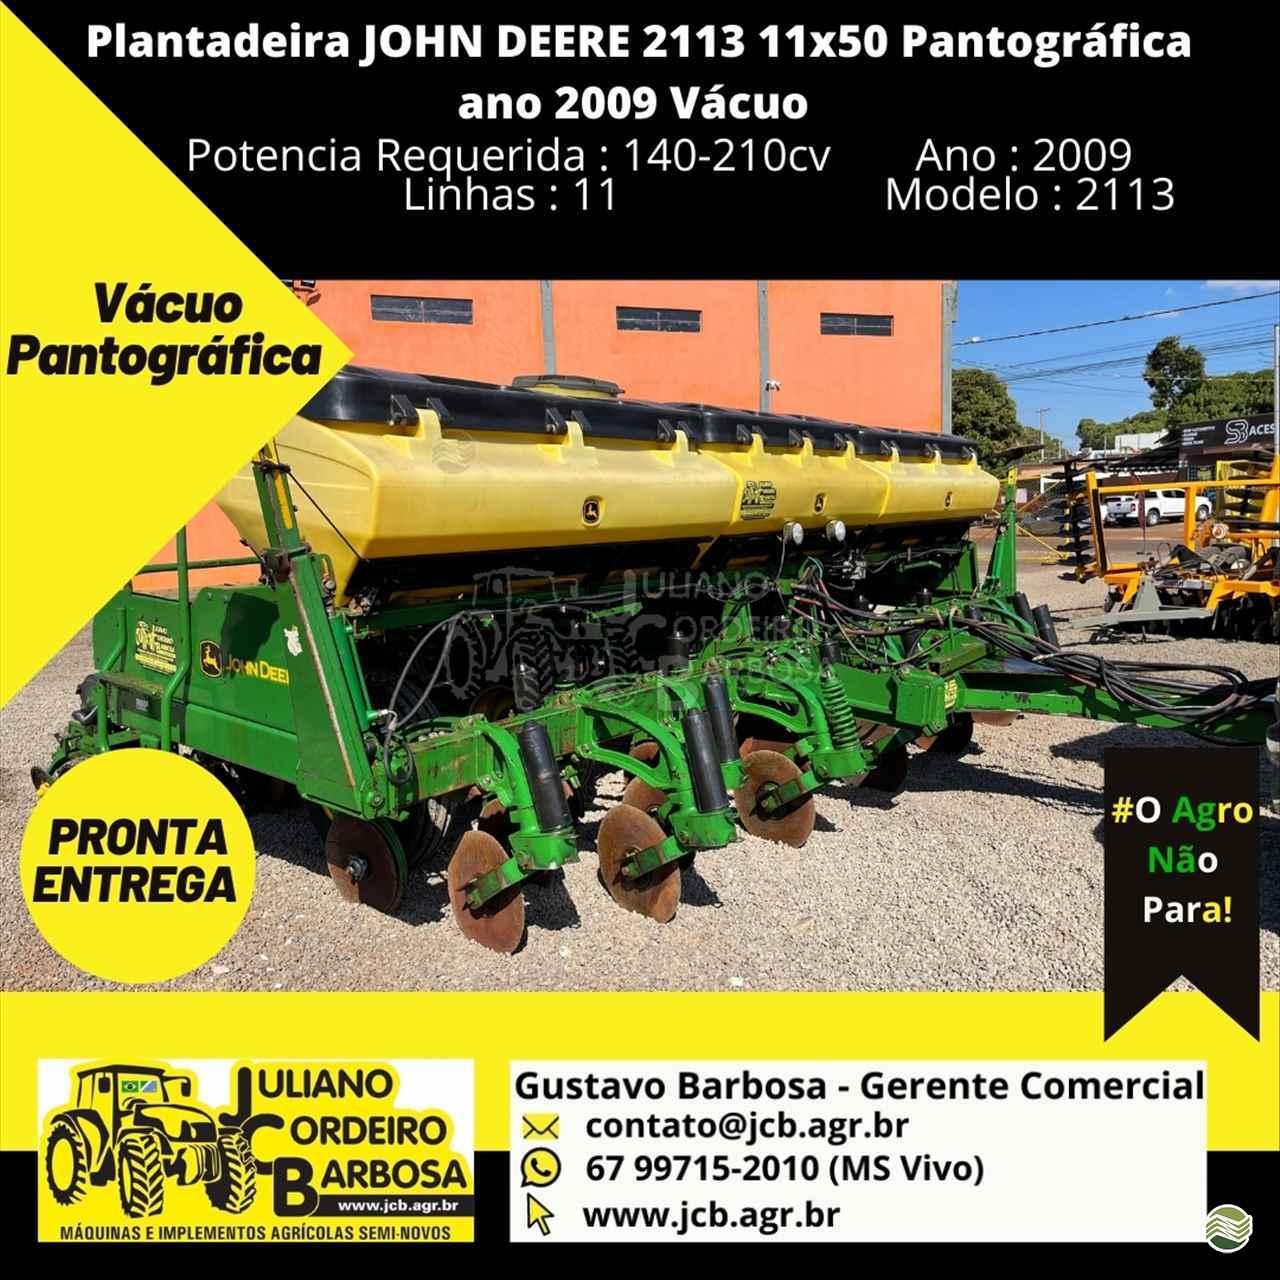 PLANTADEIRA JOHN DEERE PLANTADEIRAS 2113 JCB Máquinas e Implementos Agrícolas MARACAJU MATO GROSSO DO SUL MS